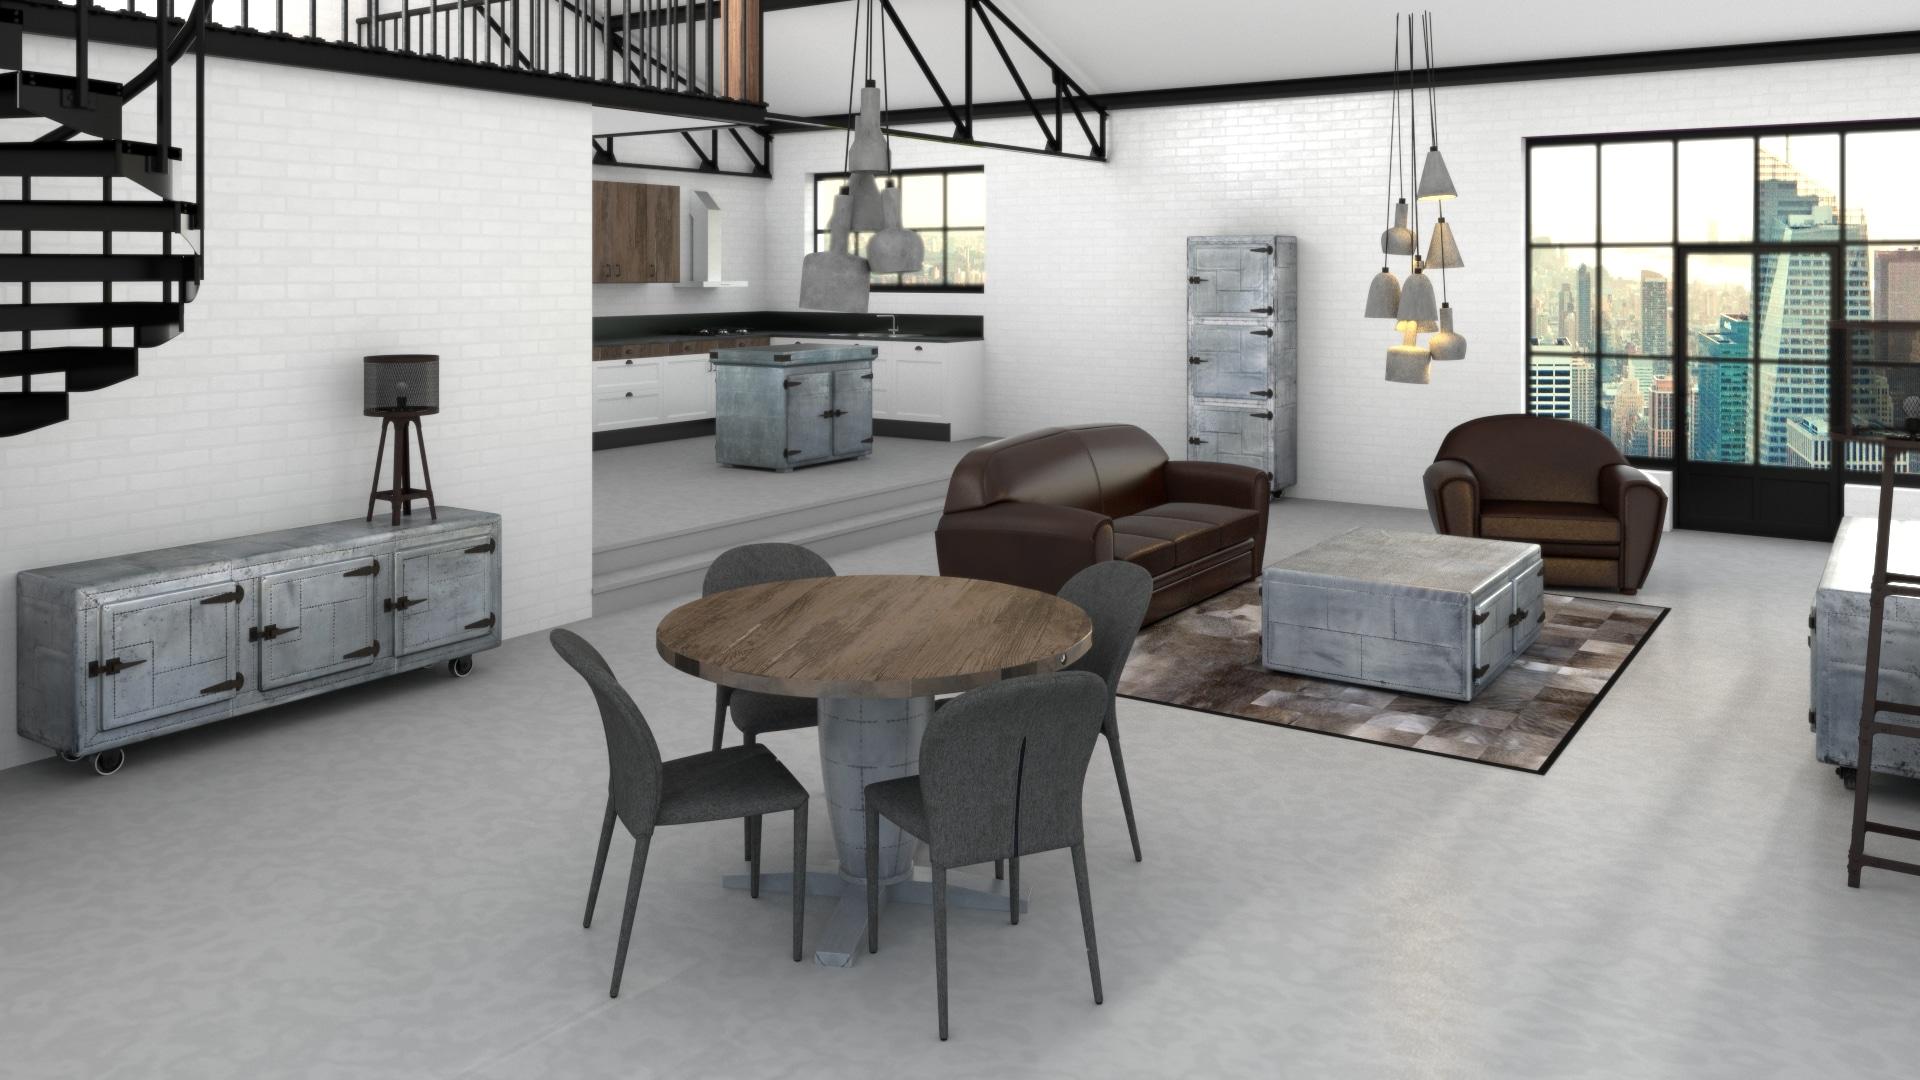 ambiance industrielle tout ce qu 39 il faut savoir sur ce style de d coration. Black Bedroom Furniture Sets. Home Design Ideas